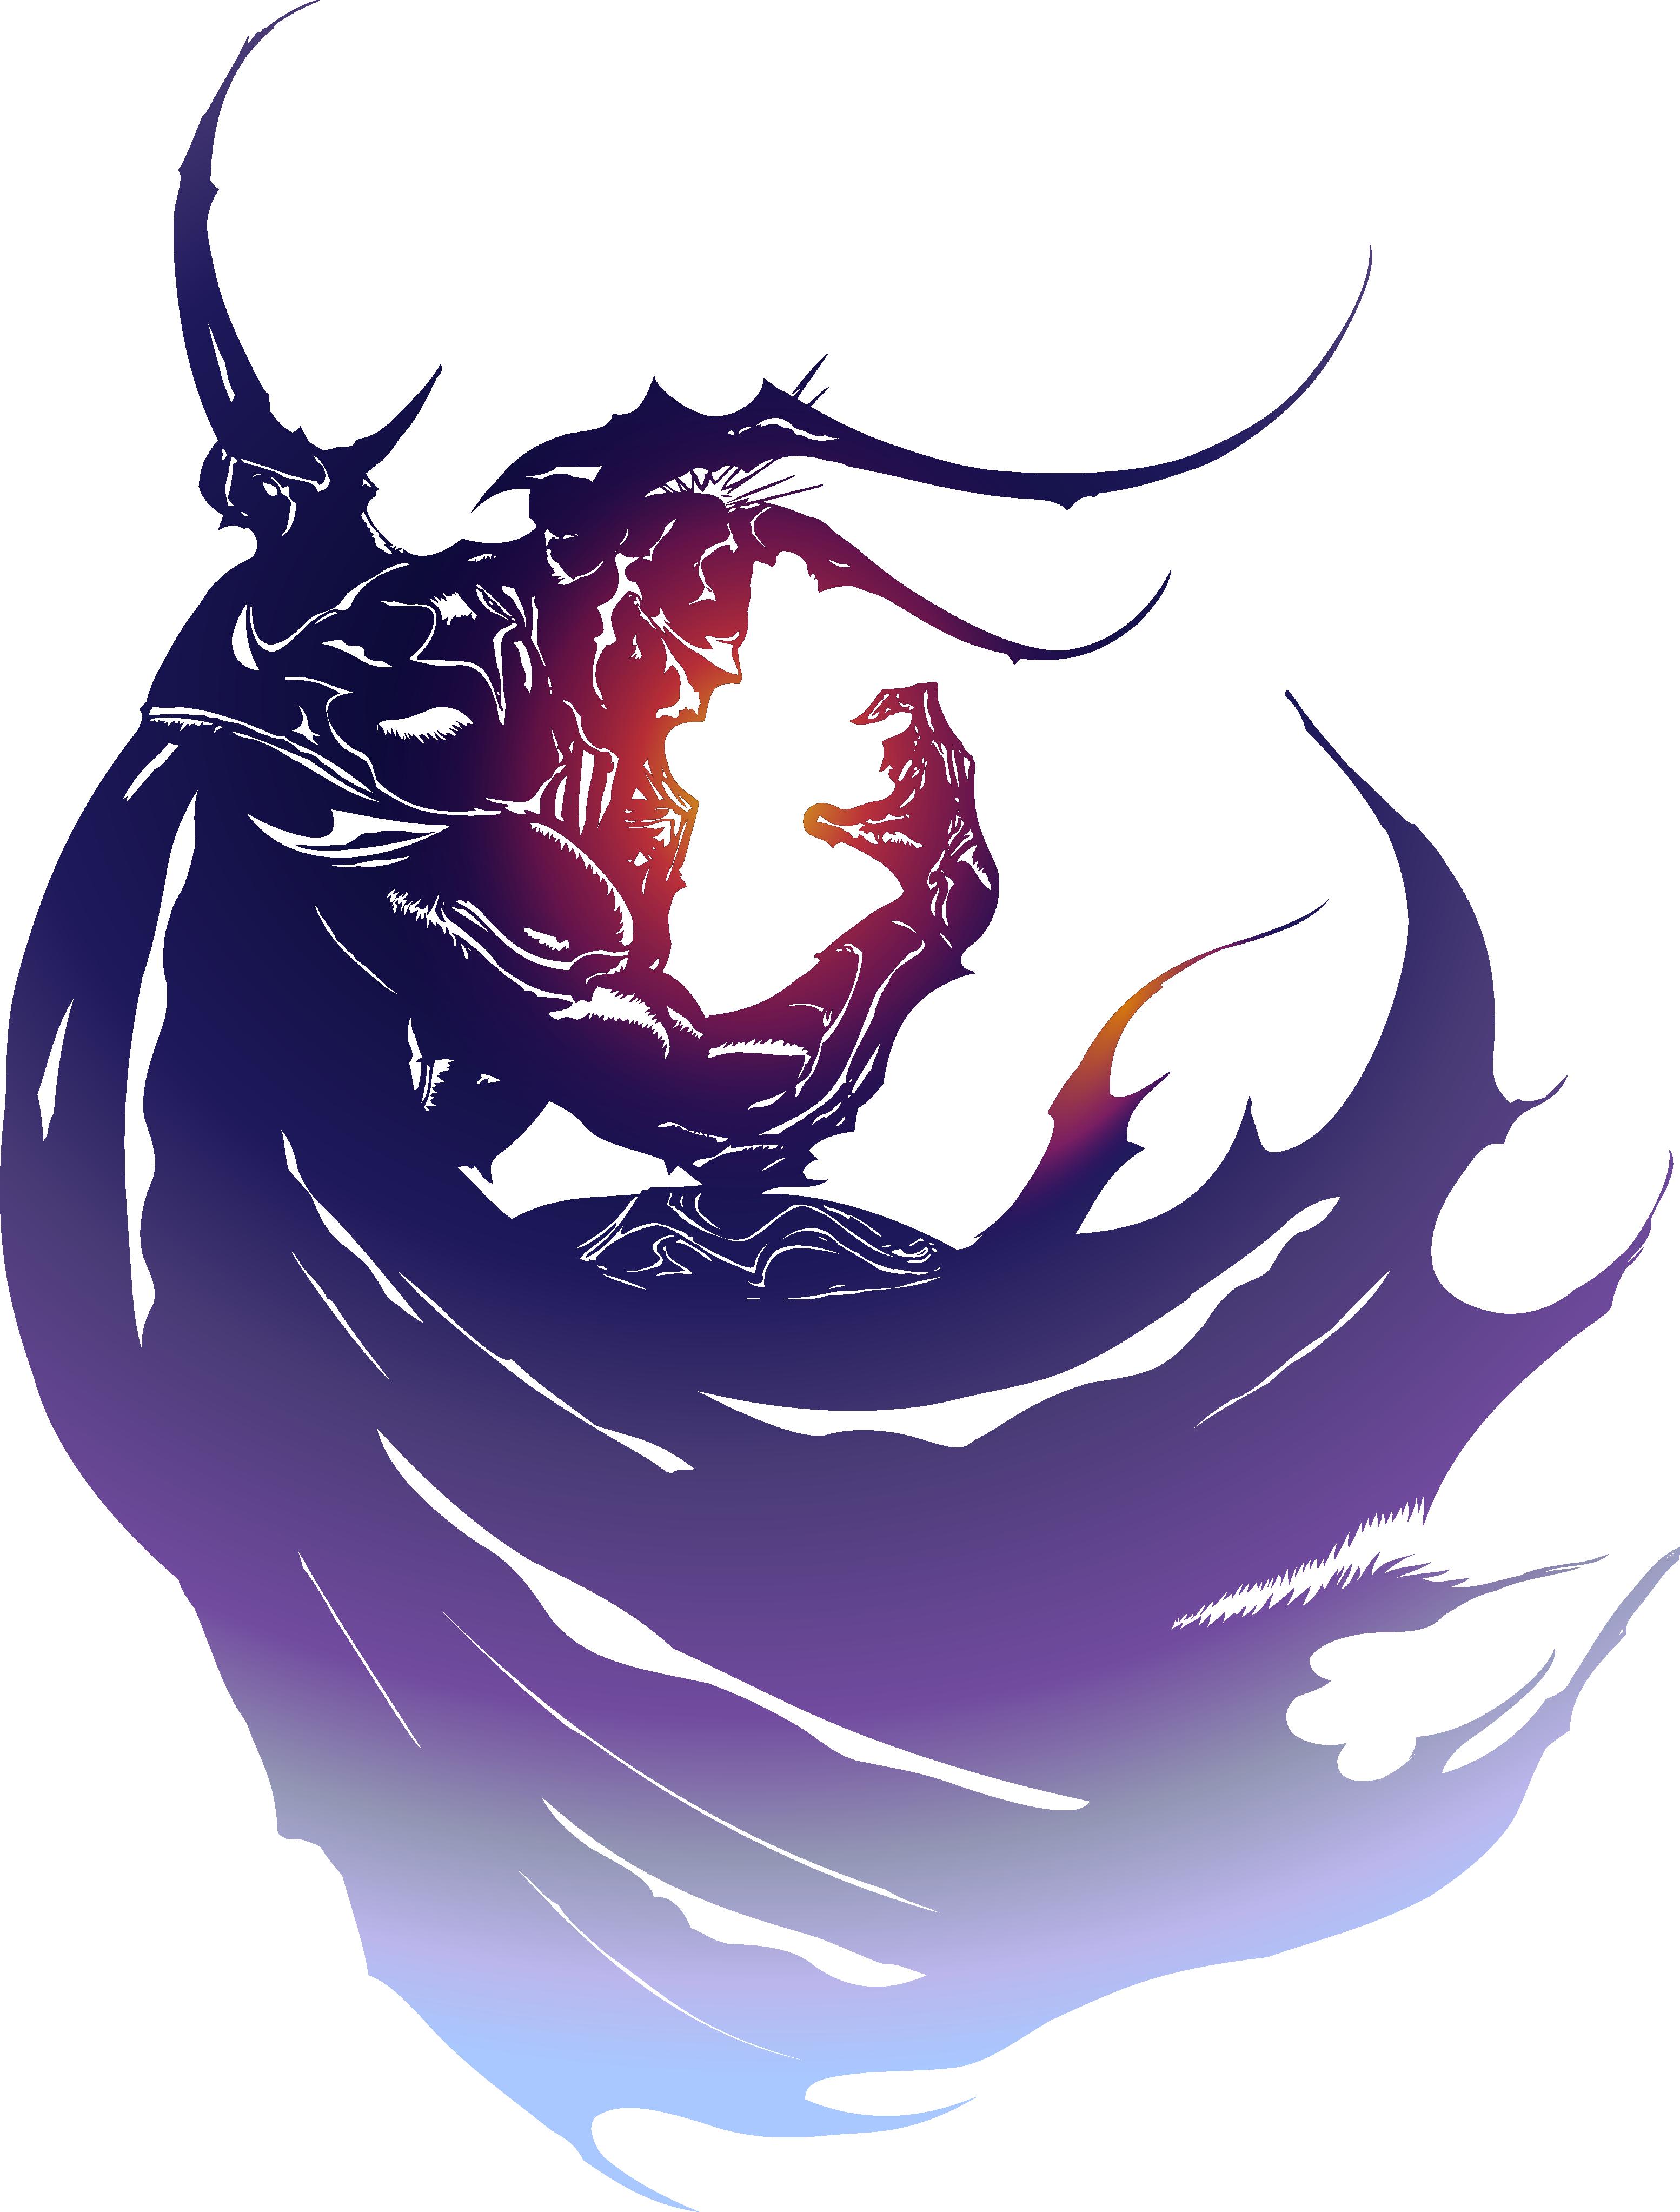 Image result for final fantasy logo.